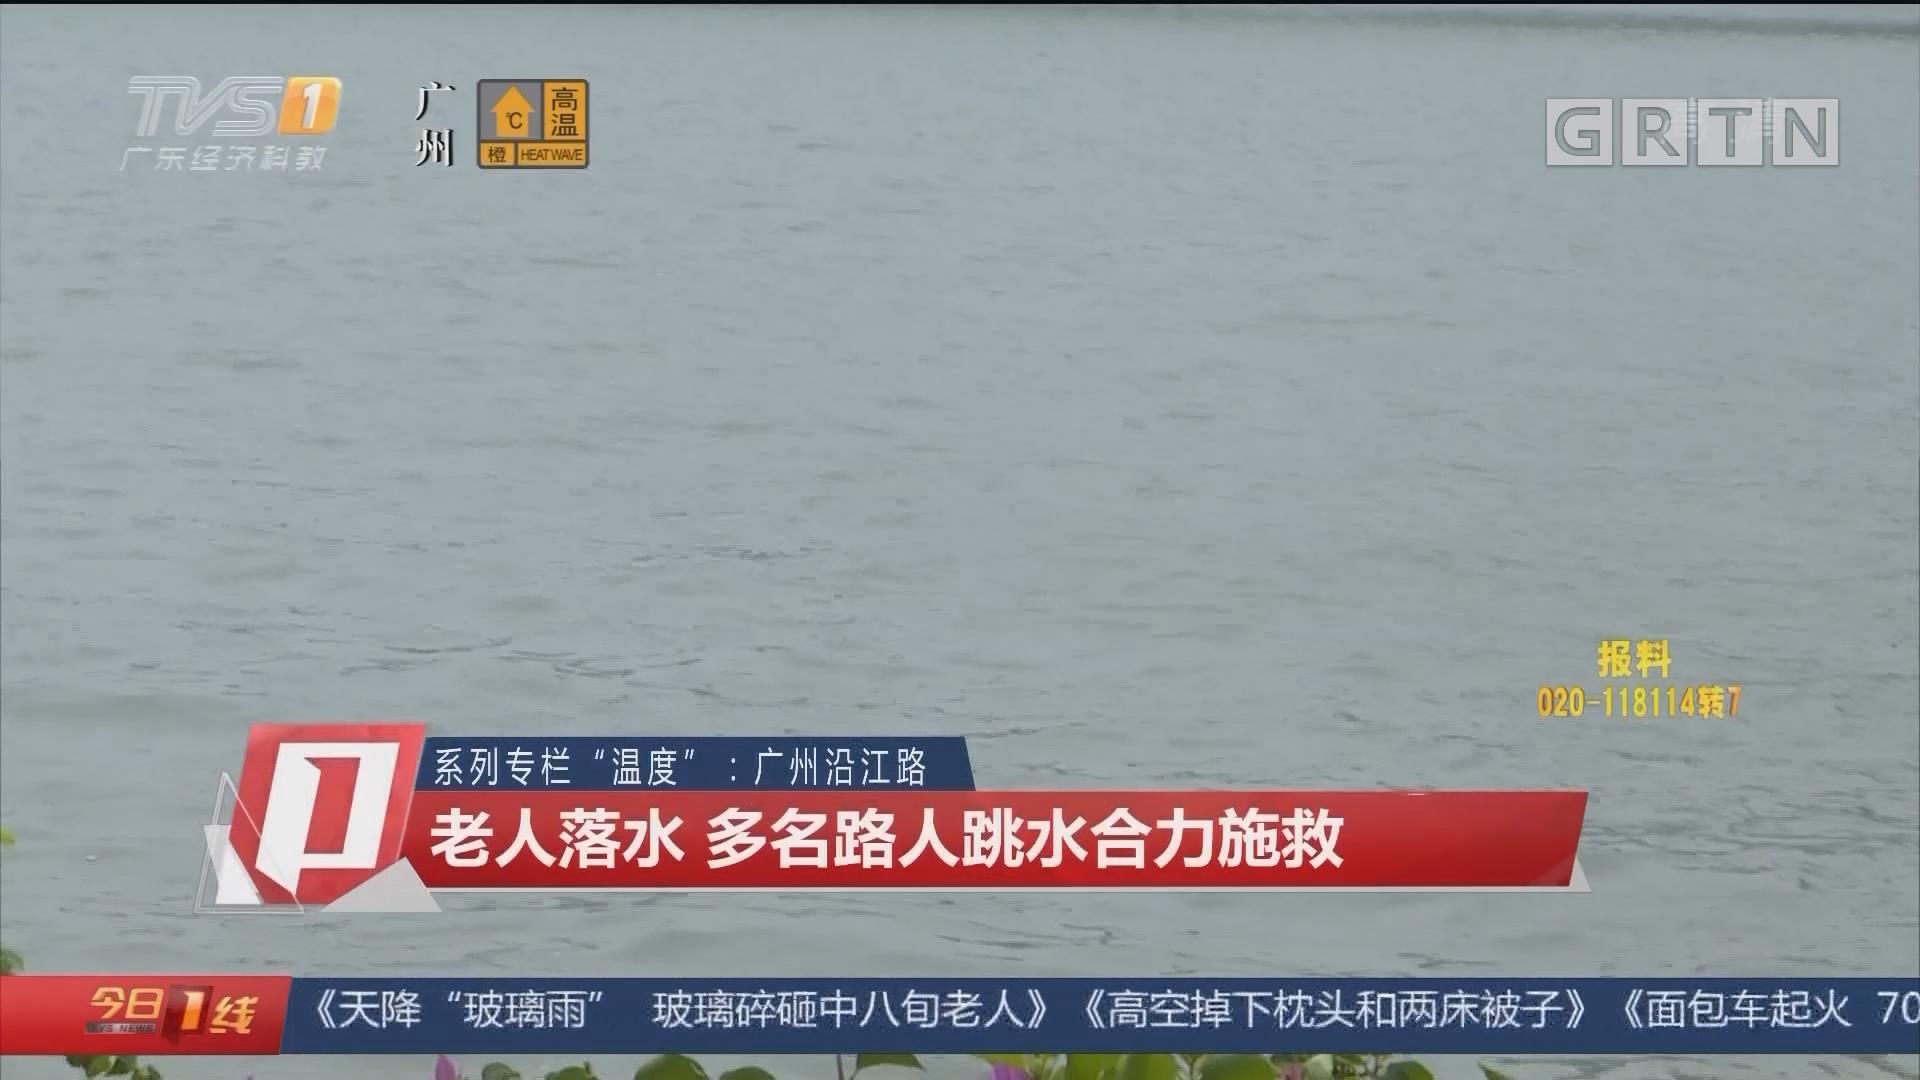 """系列专栏""""温度"""":广州沿江路 老人落水 多名路人跳水合力施救"""